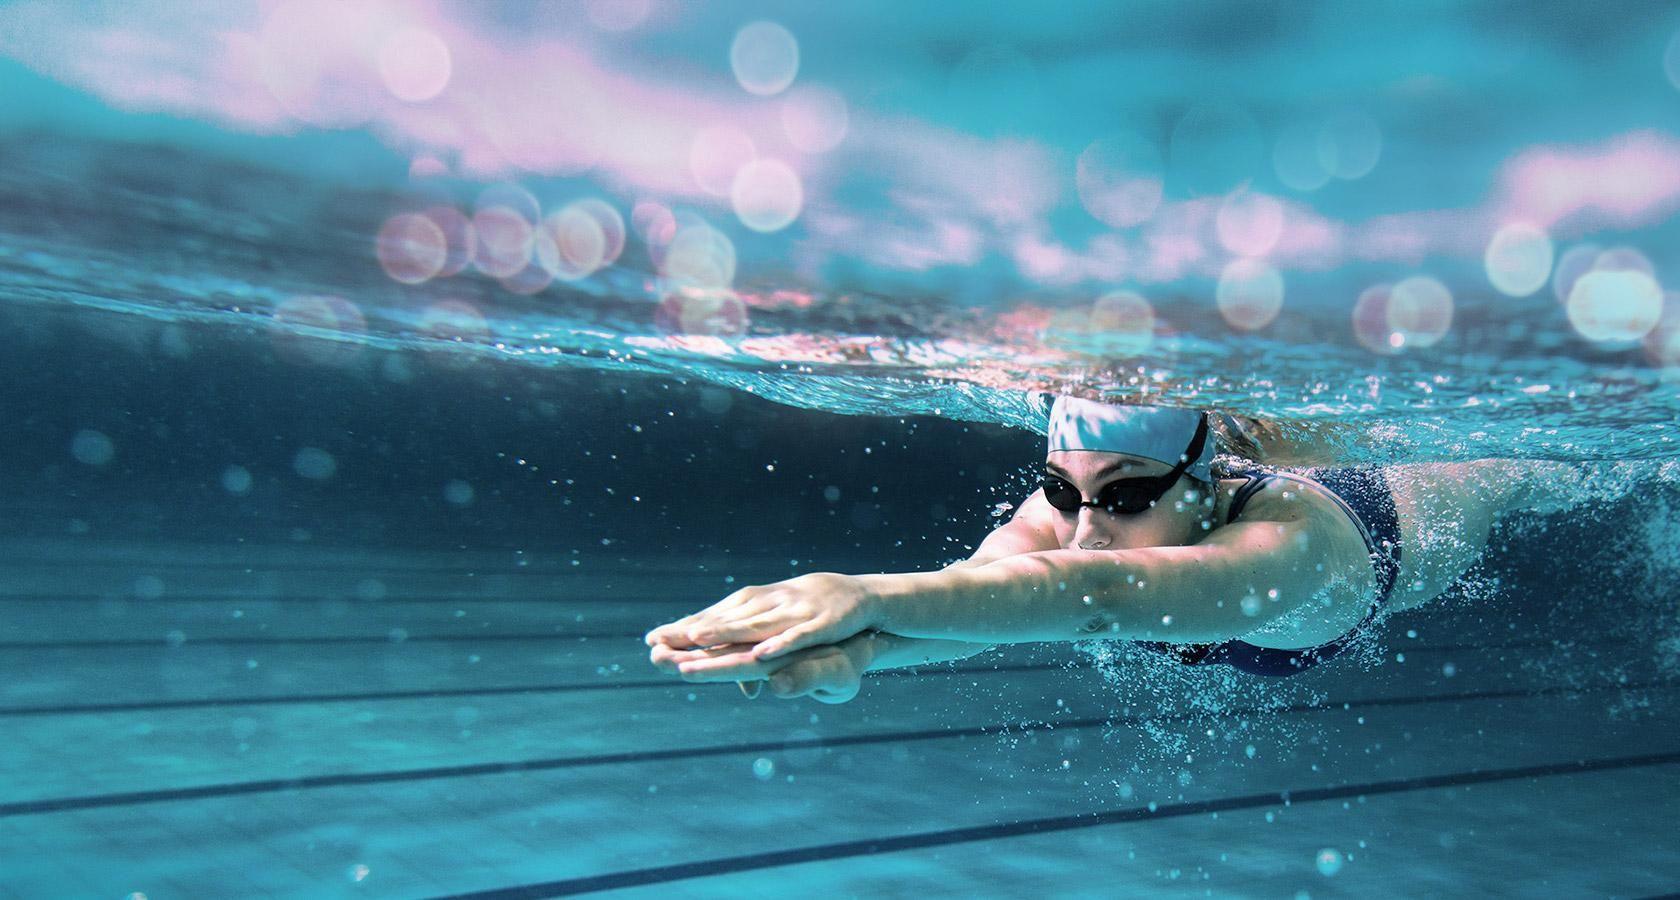 Замена кардио нагрузкой: как плавание влияет на здоровье человека - Новости  спорта - Спорт 24